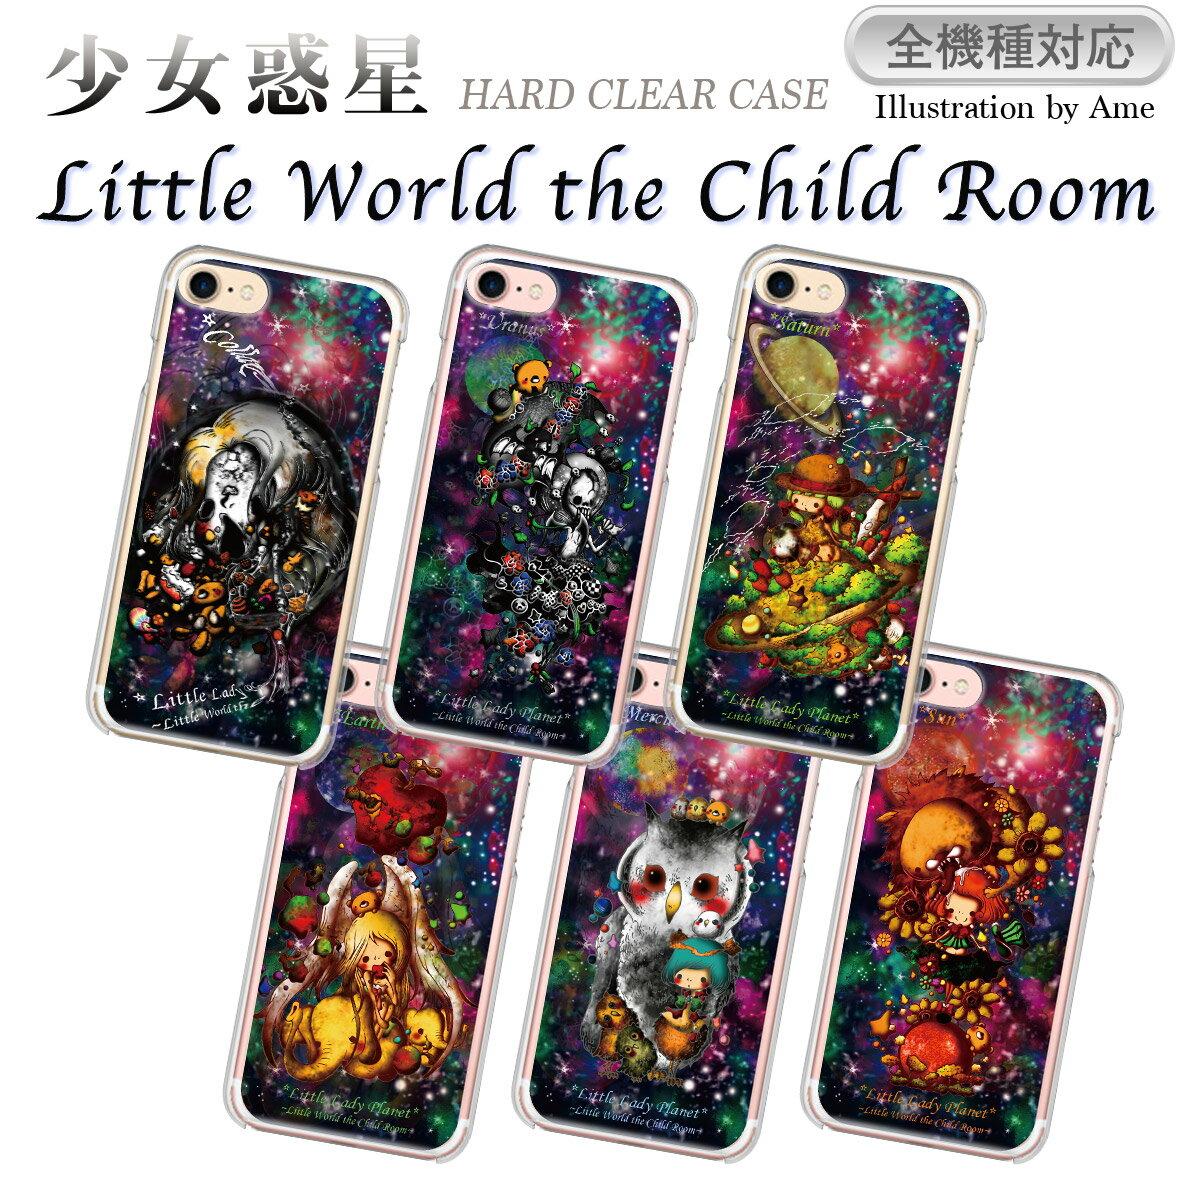 スマホケース 全機種対応 ケース カバー ハードケース クリアケース iPhoneXS Max iPhoneXR iPhoneX iPhone8 Plus iPhone7 iPhone6s iPhone SE 5s Xperia XZ3 XZ2 XZ1 XZ XZs SO-01L SO-05K SO-03K aquos R2 R SH-03K galaxy S9 S8 Little World 25-zen-ca001